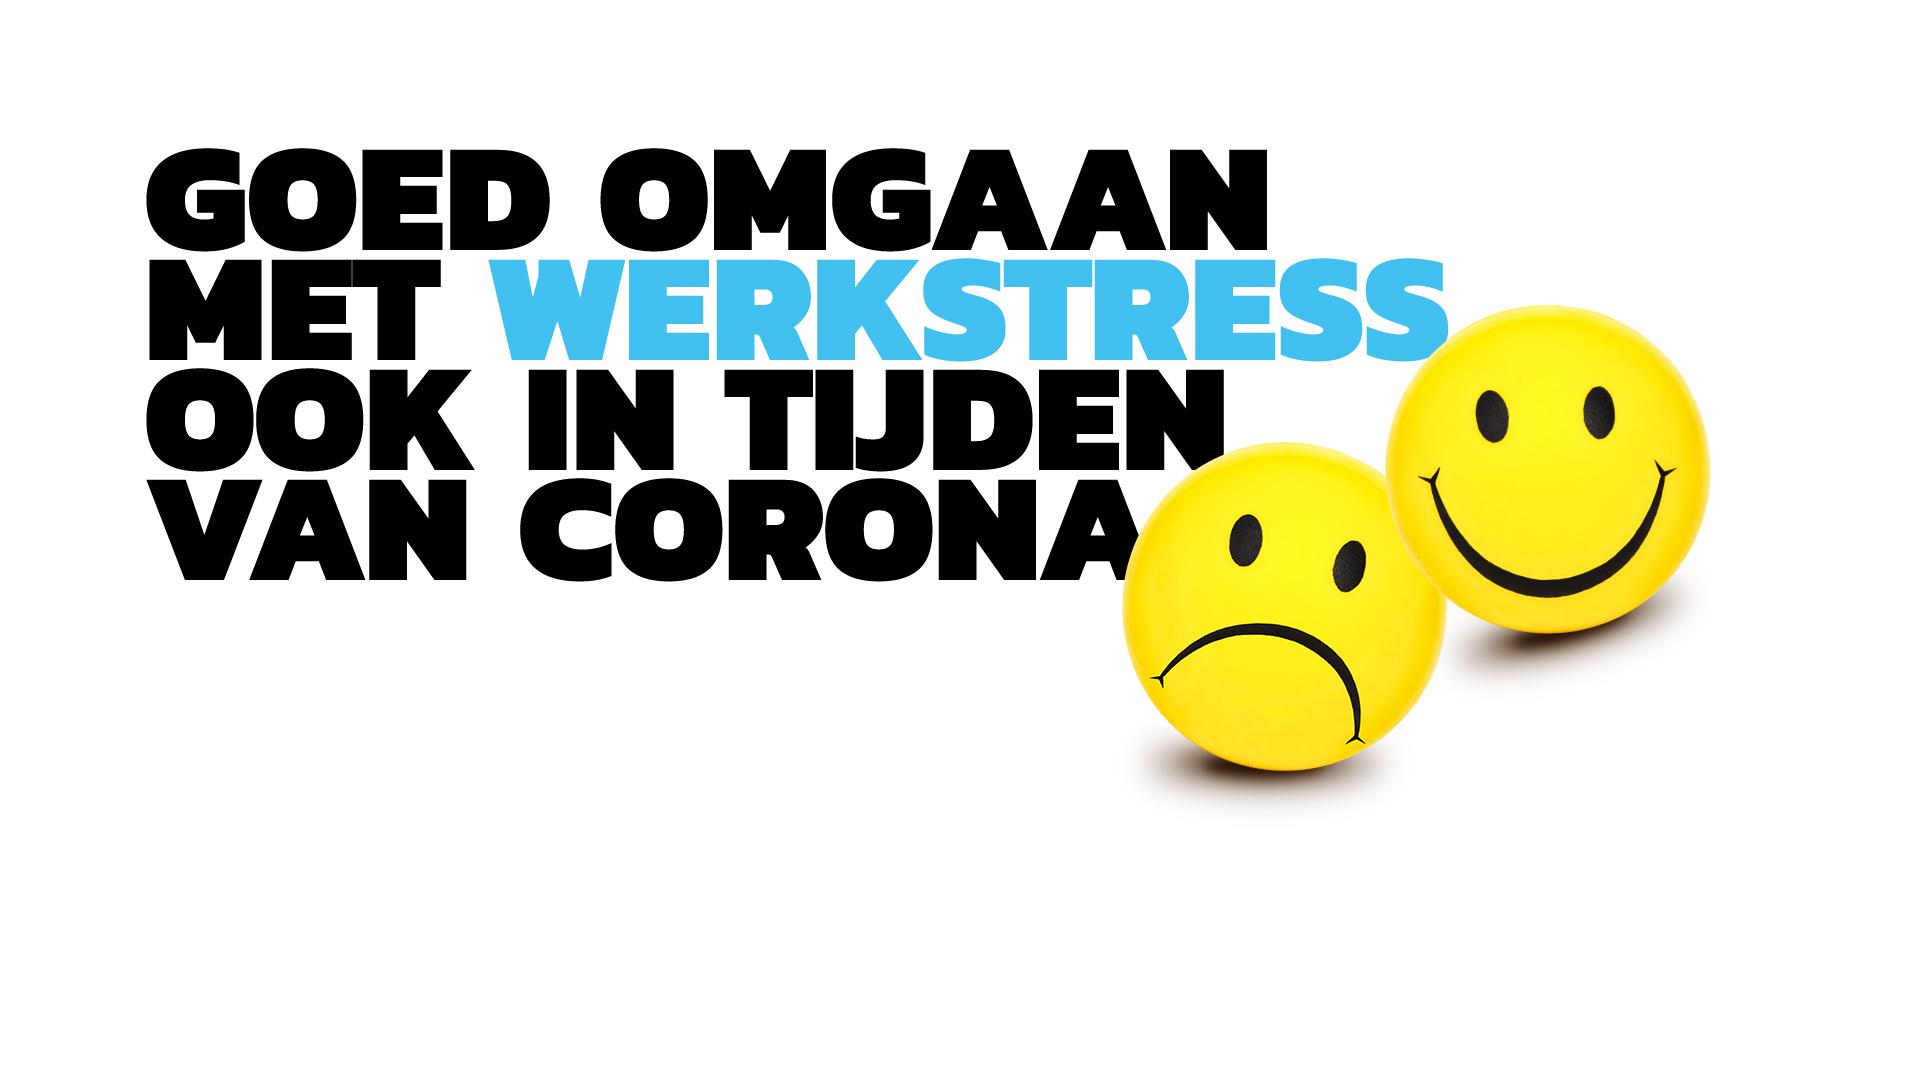 Praktische gids: Goed omgaan met werkstress, ook in tijden van corona